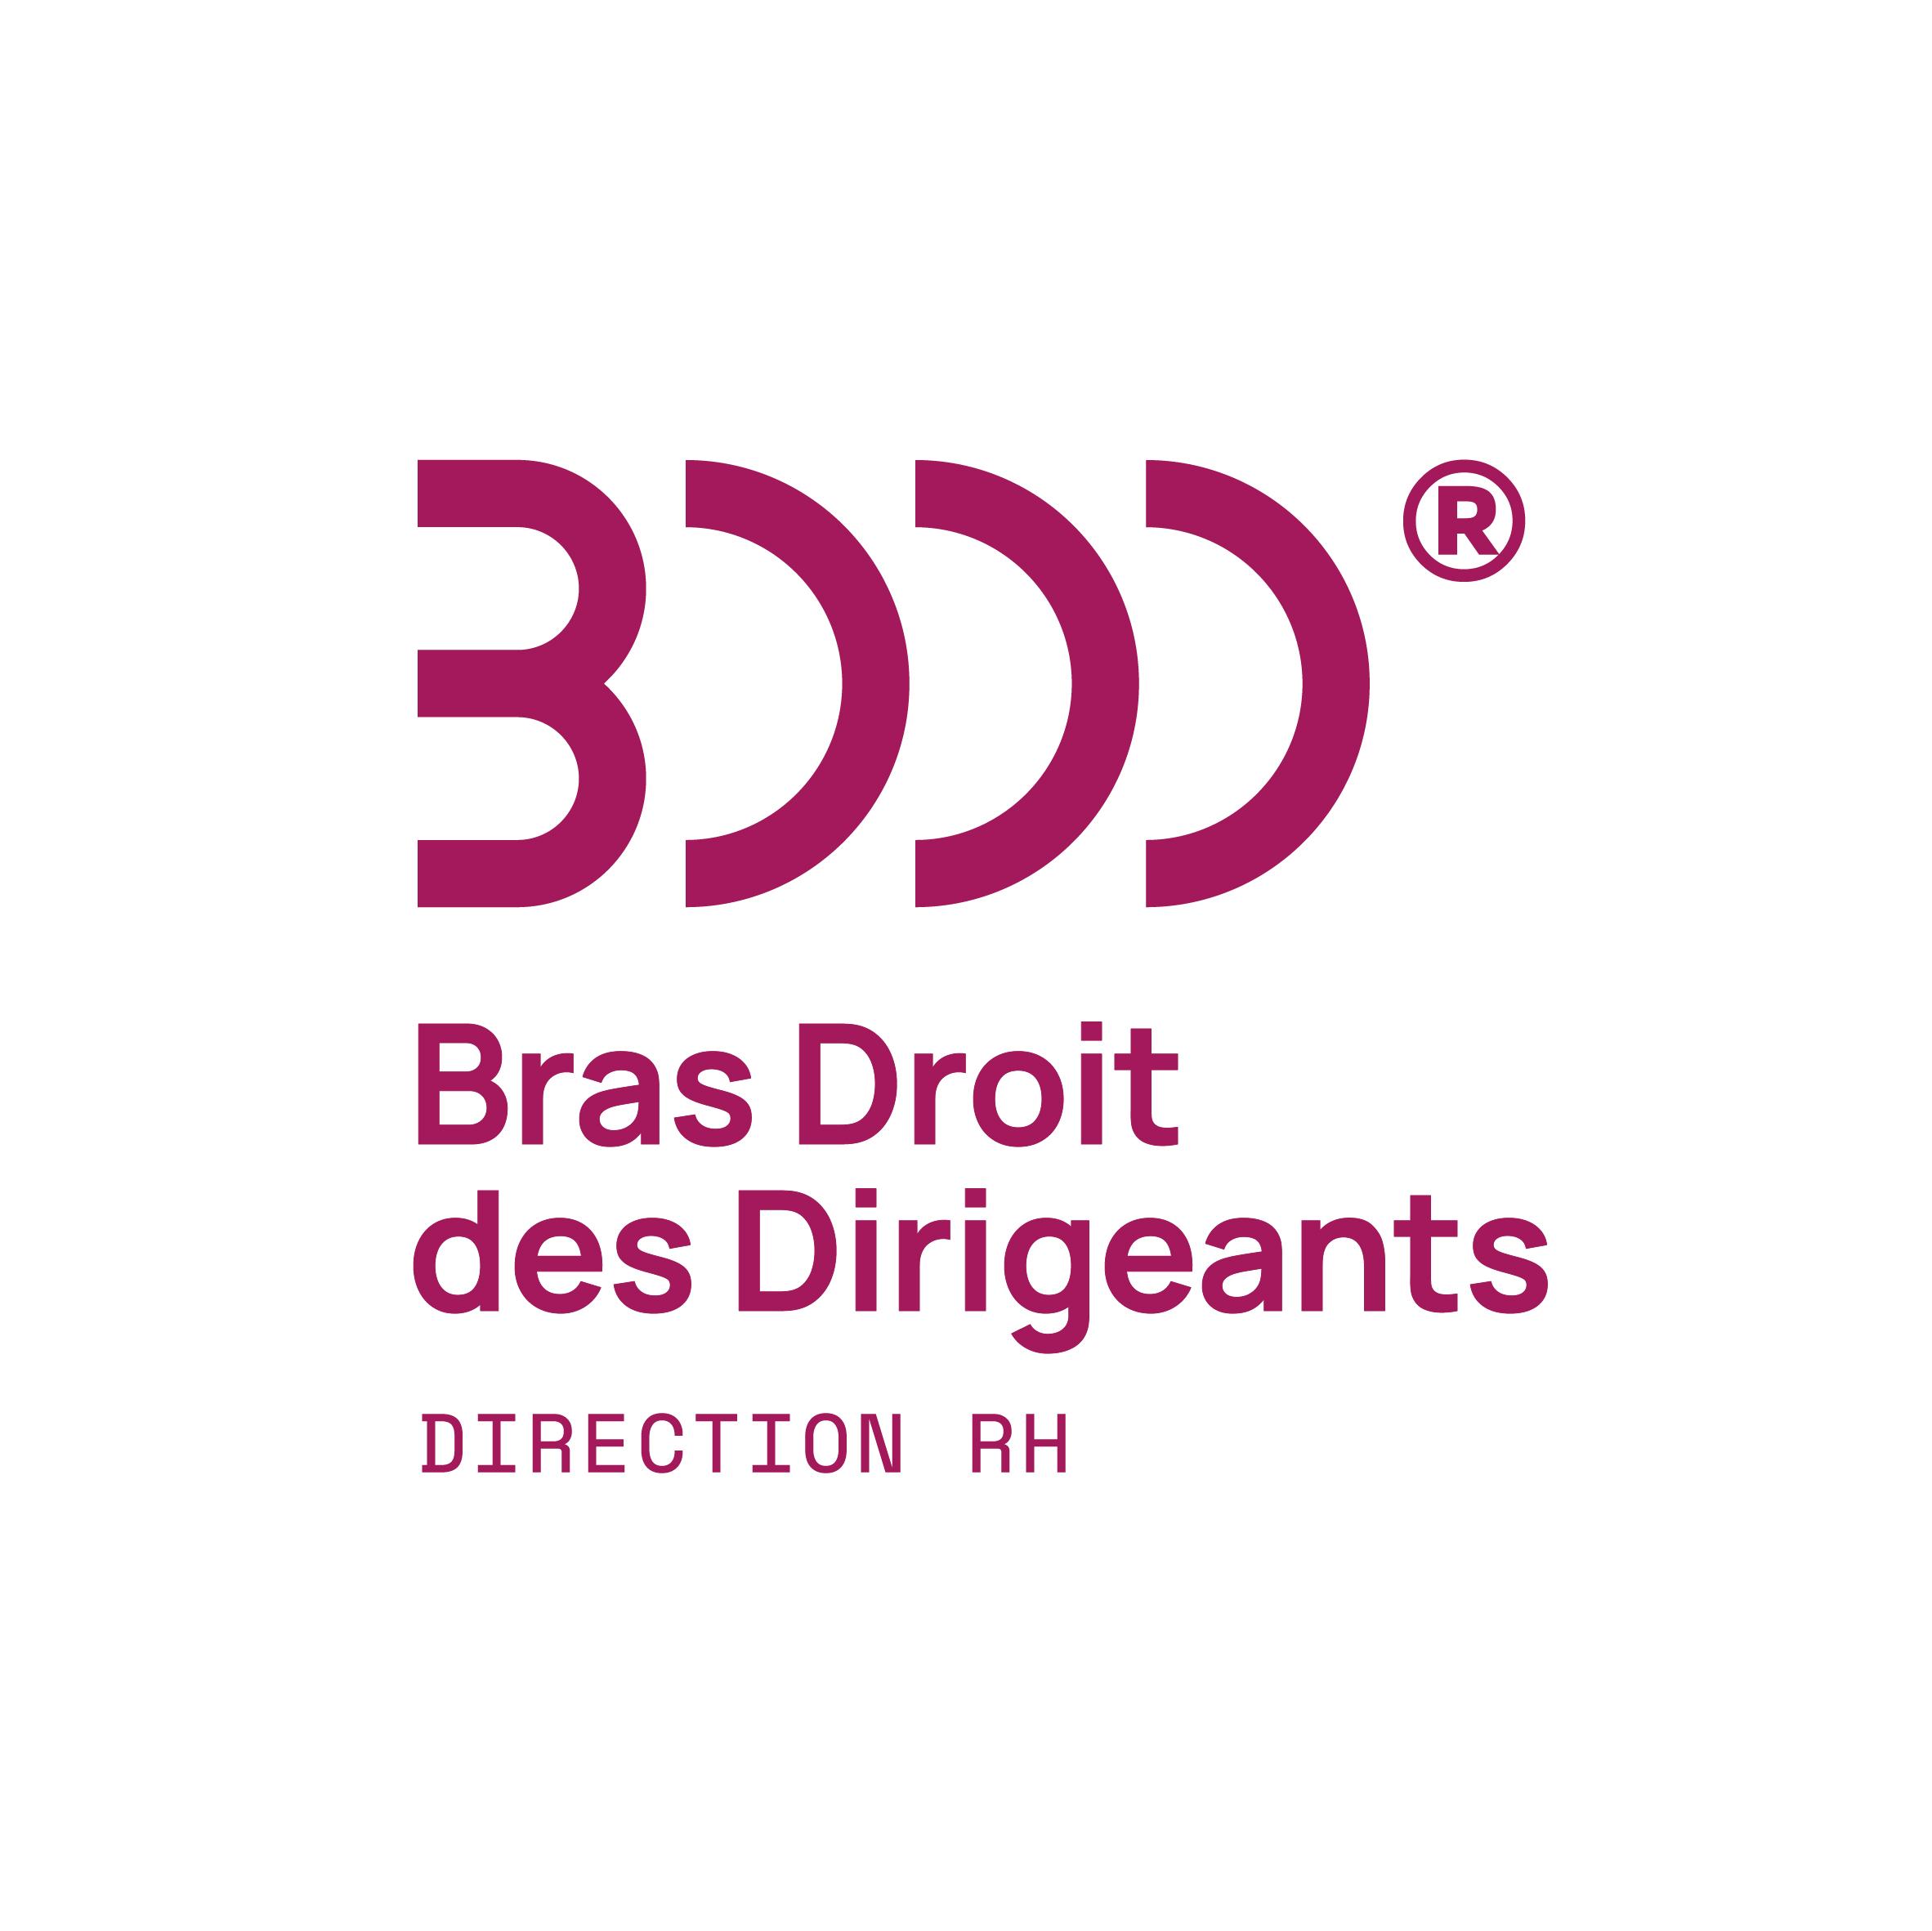 Logo Bras Droit des Dirigeants RH Corrèze